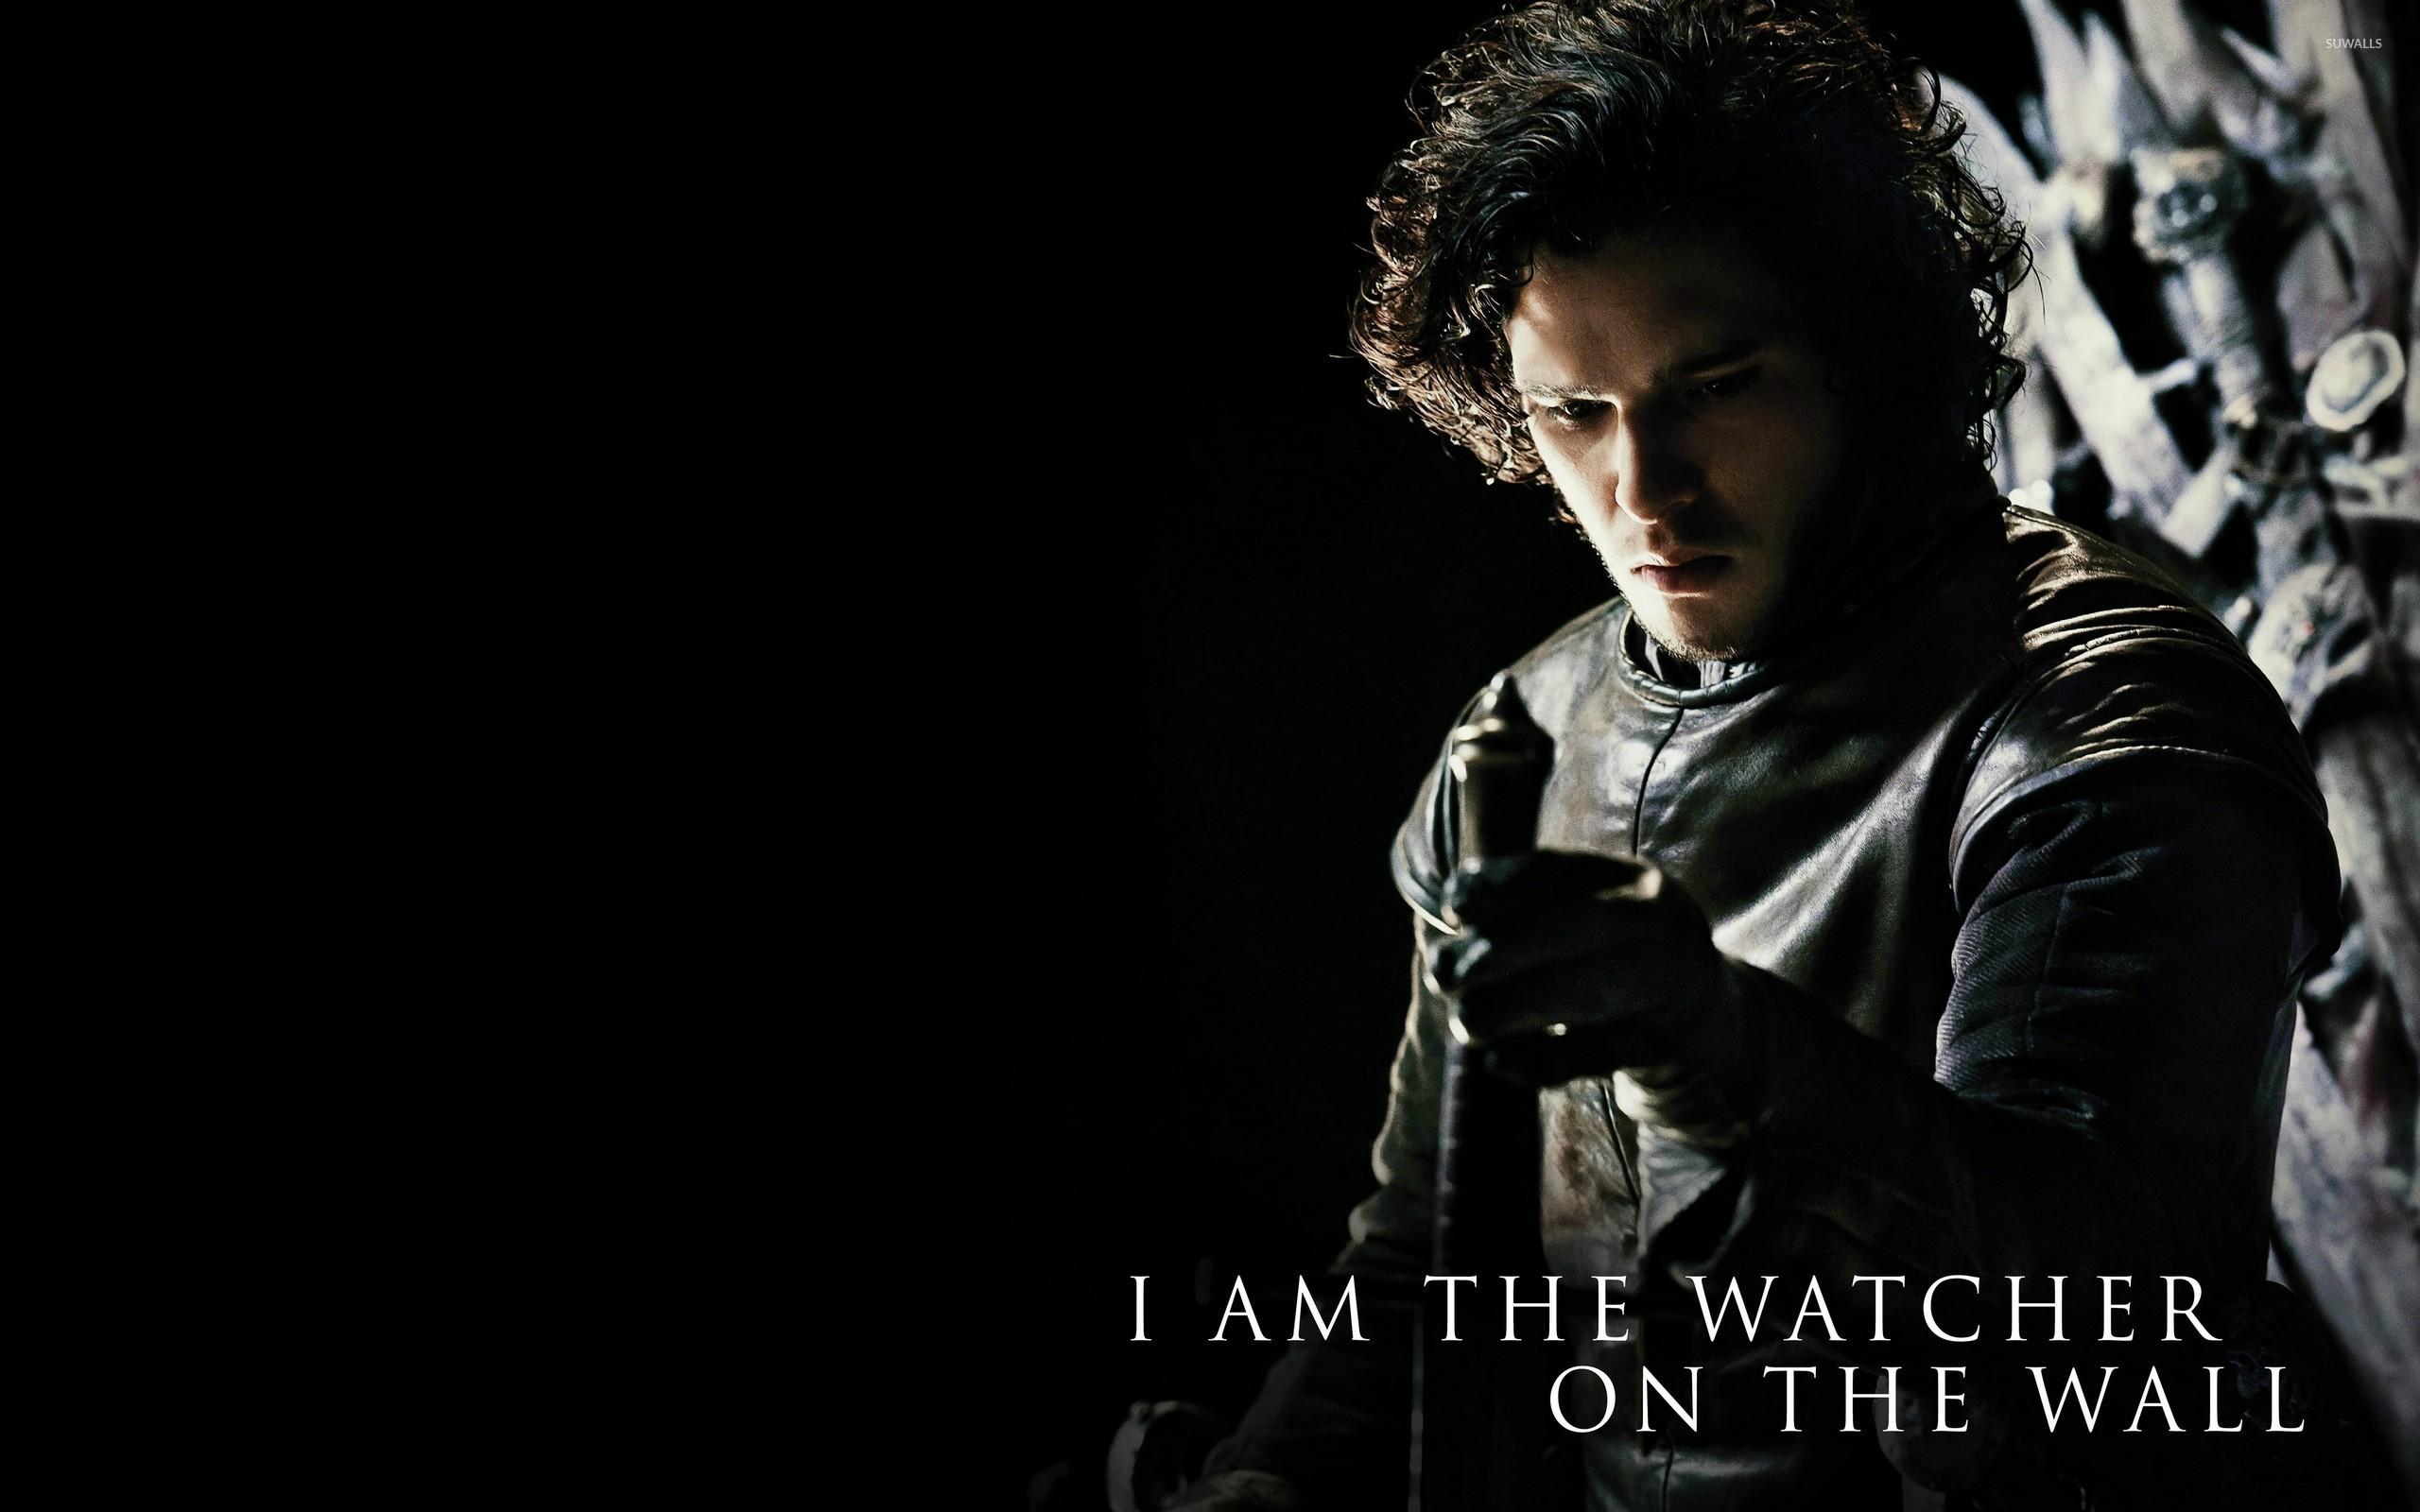 Jon Snow – Game of Thrones wallpaper jpg